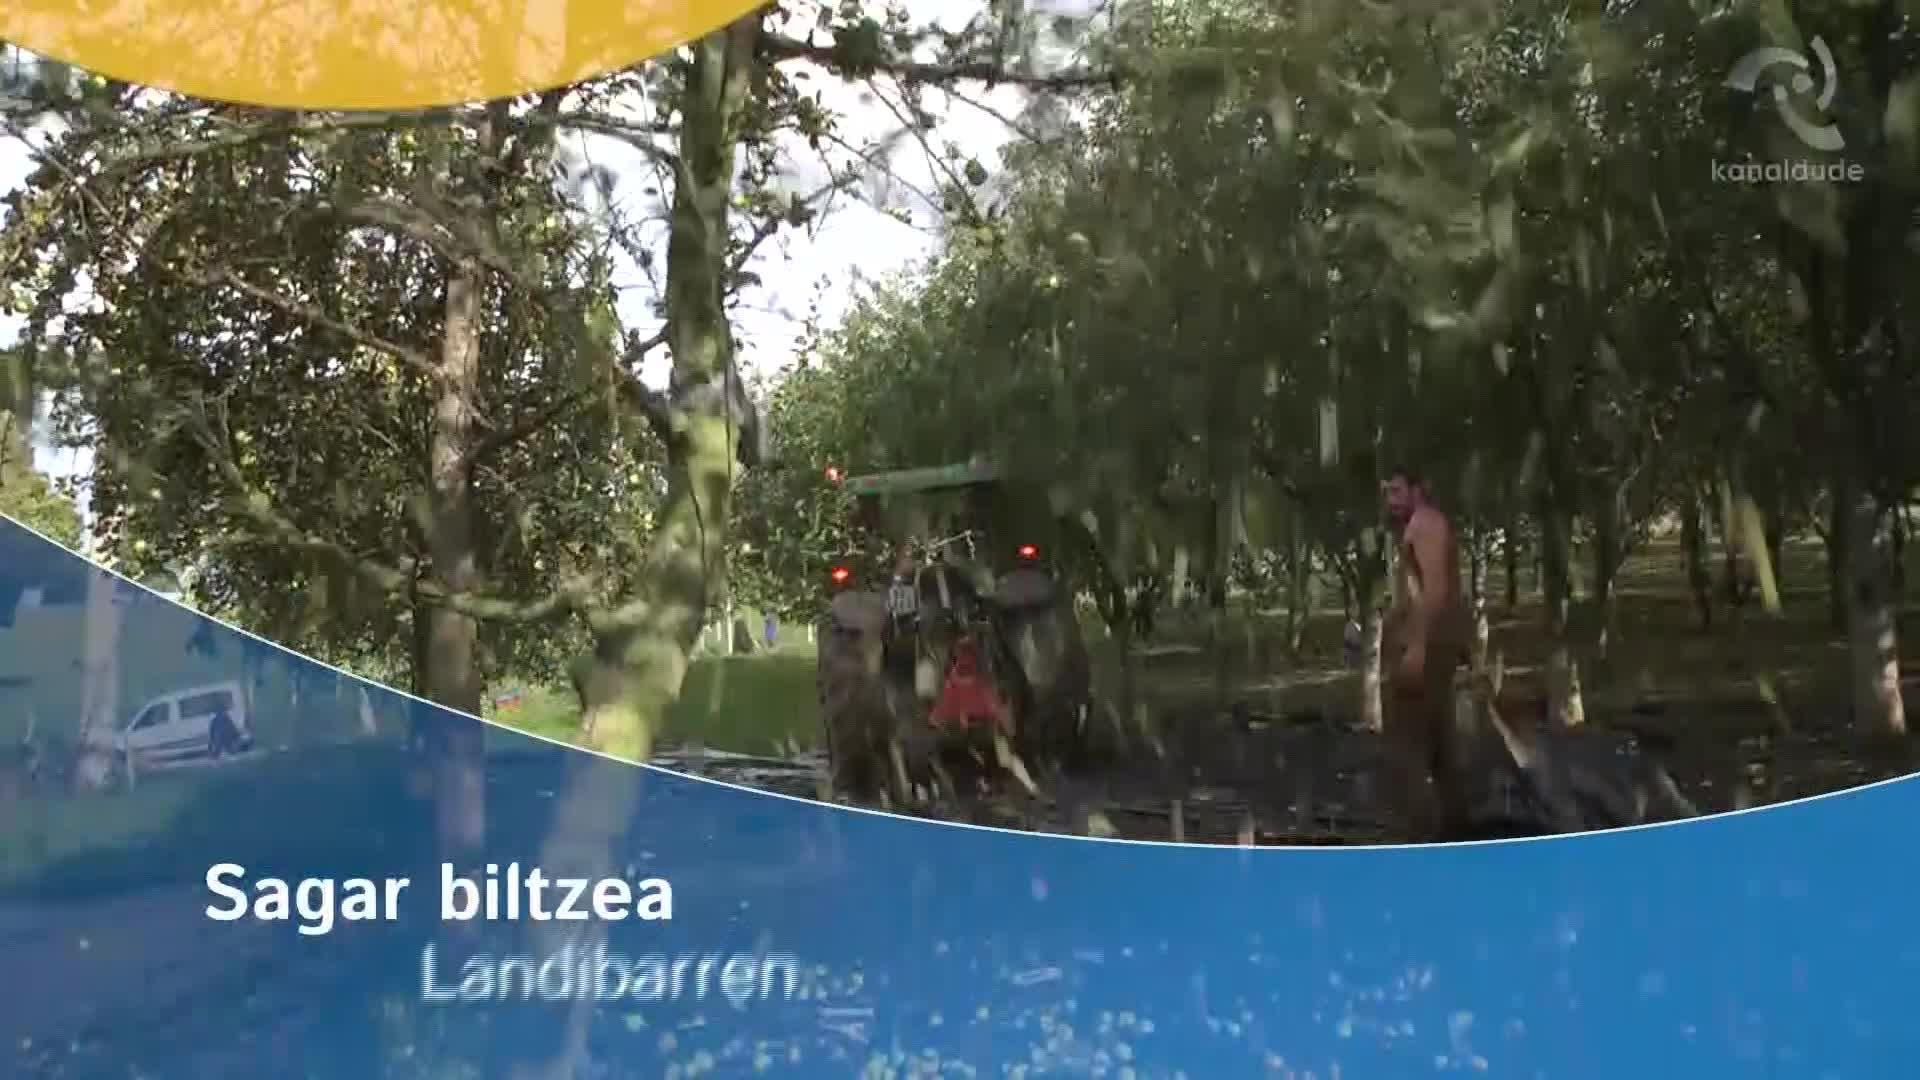 Sagar biltzea Landibarren